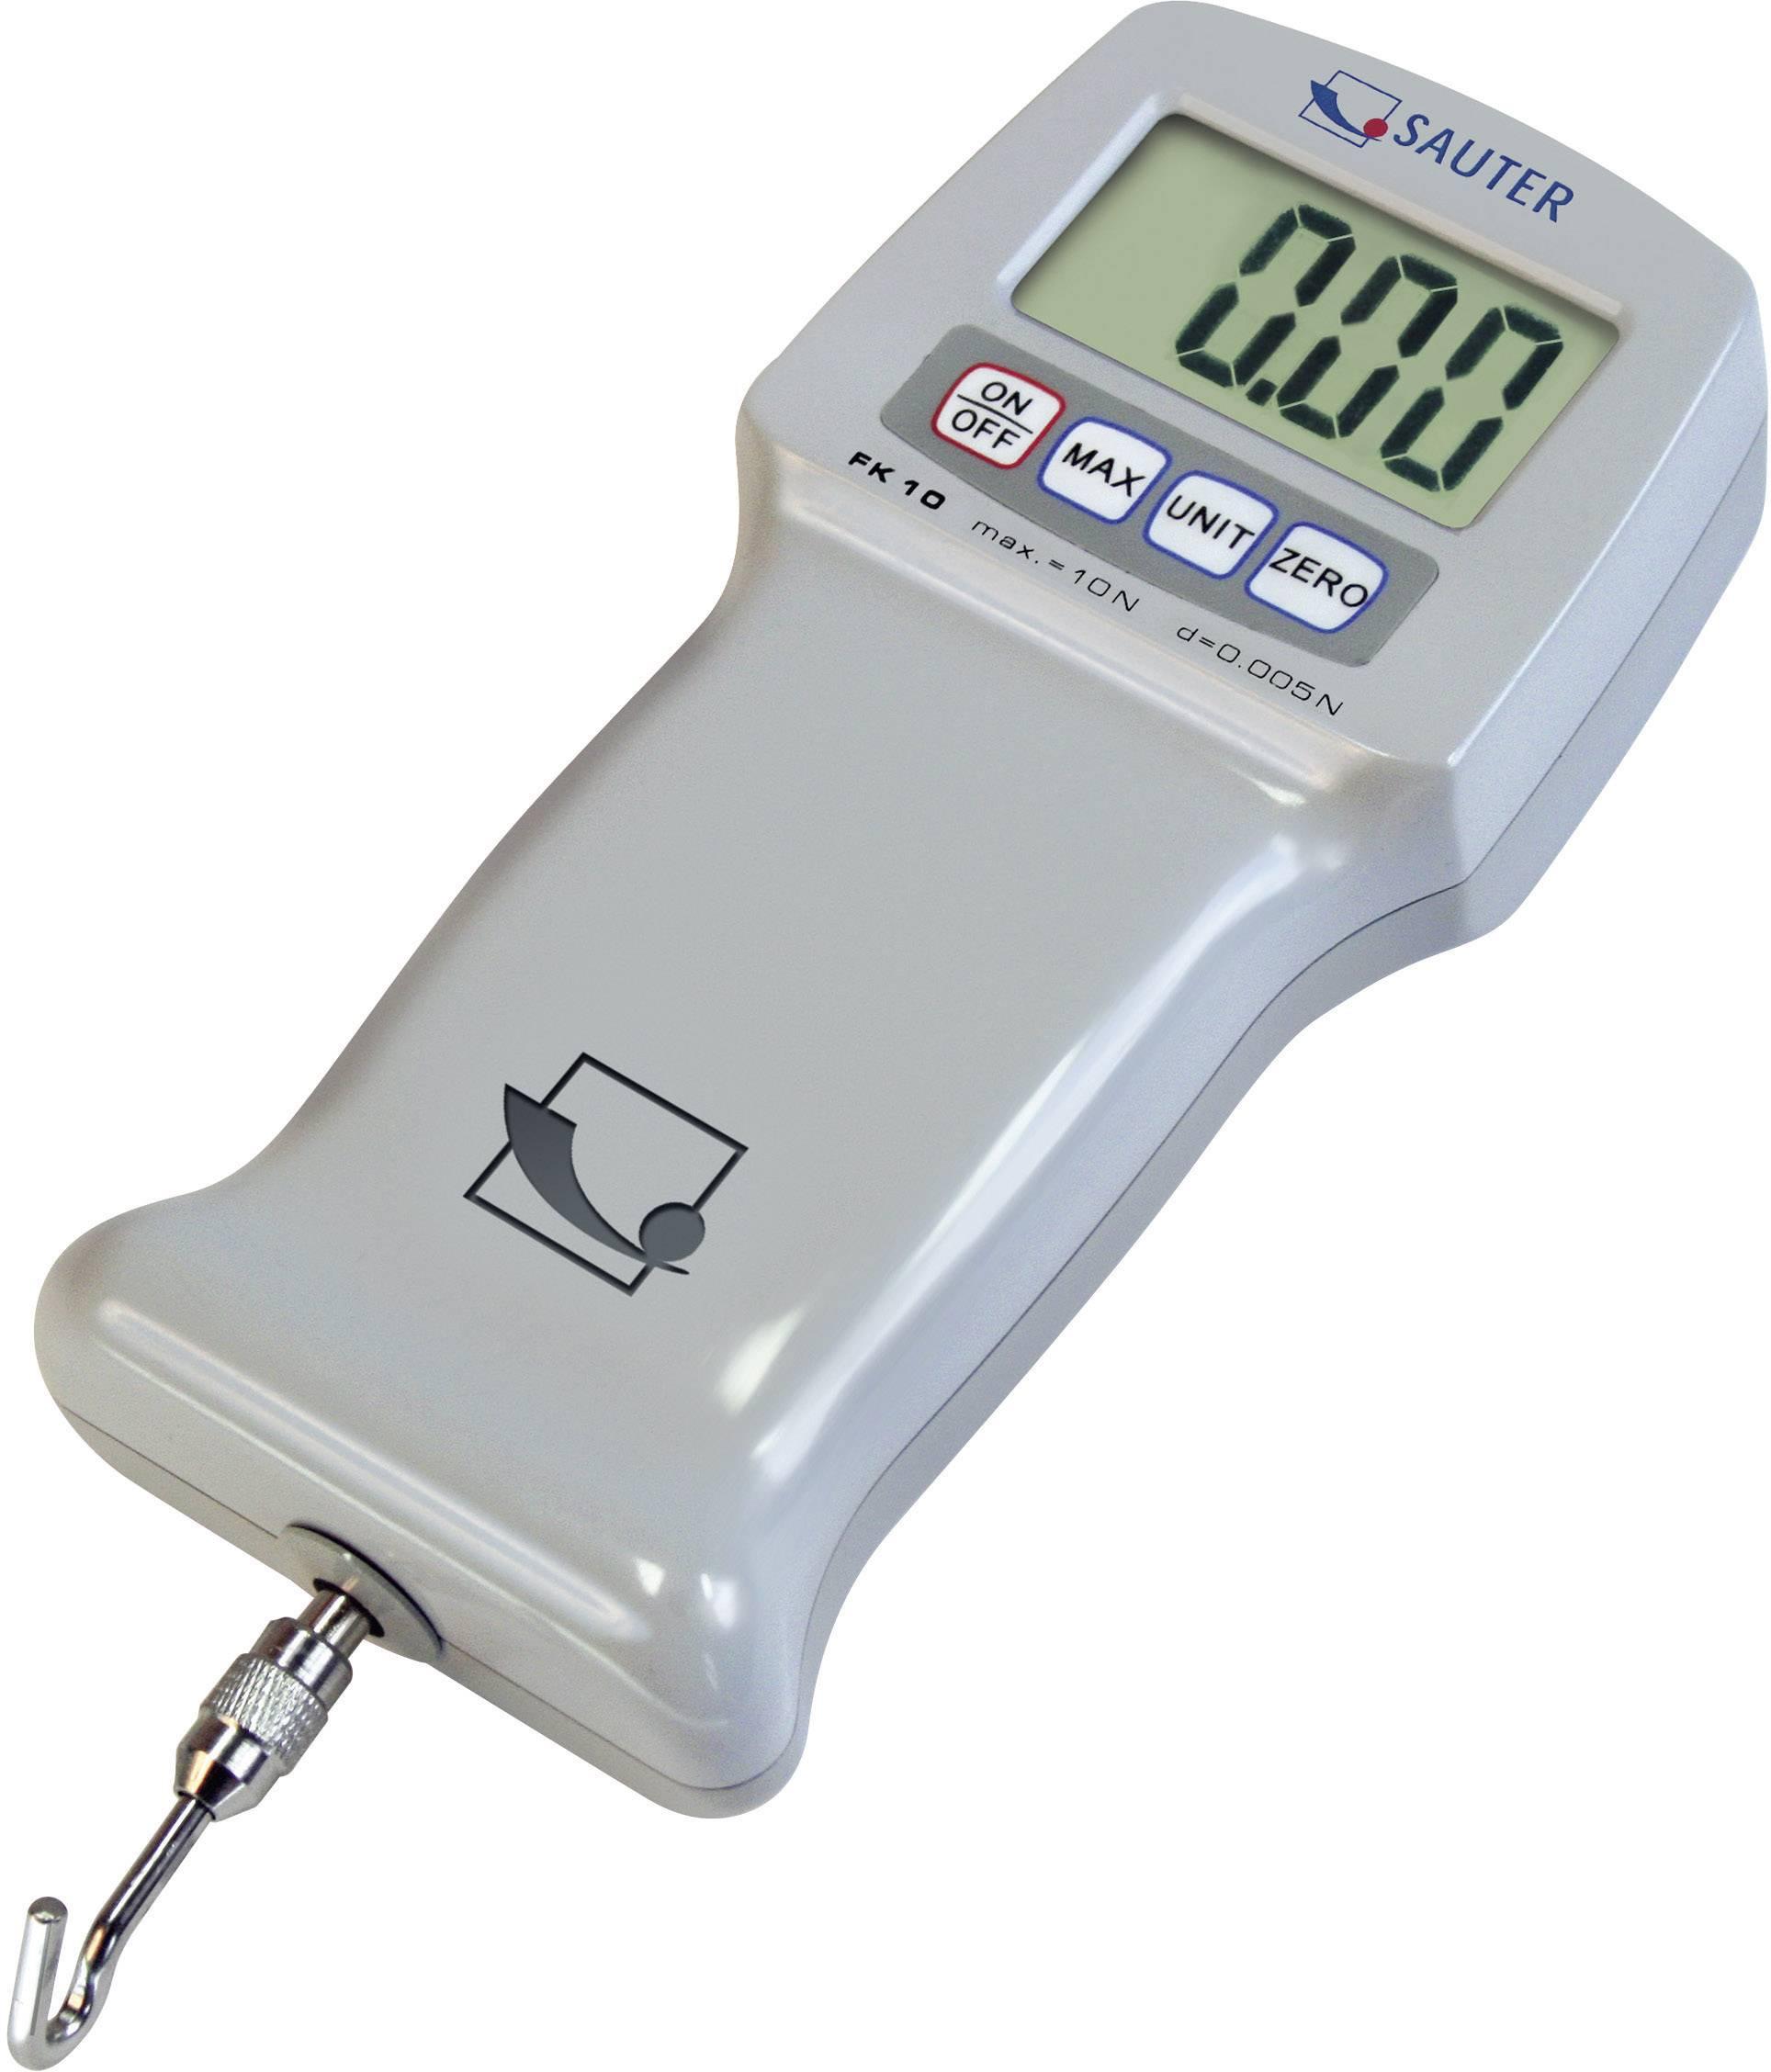 Digitální siloměr Sauter FK10, 10 N, kalibrace dle ISO, kalibrováno dle ISO